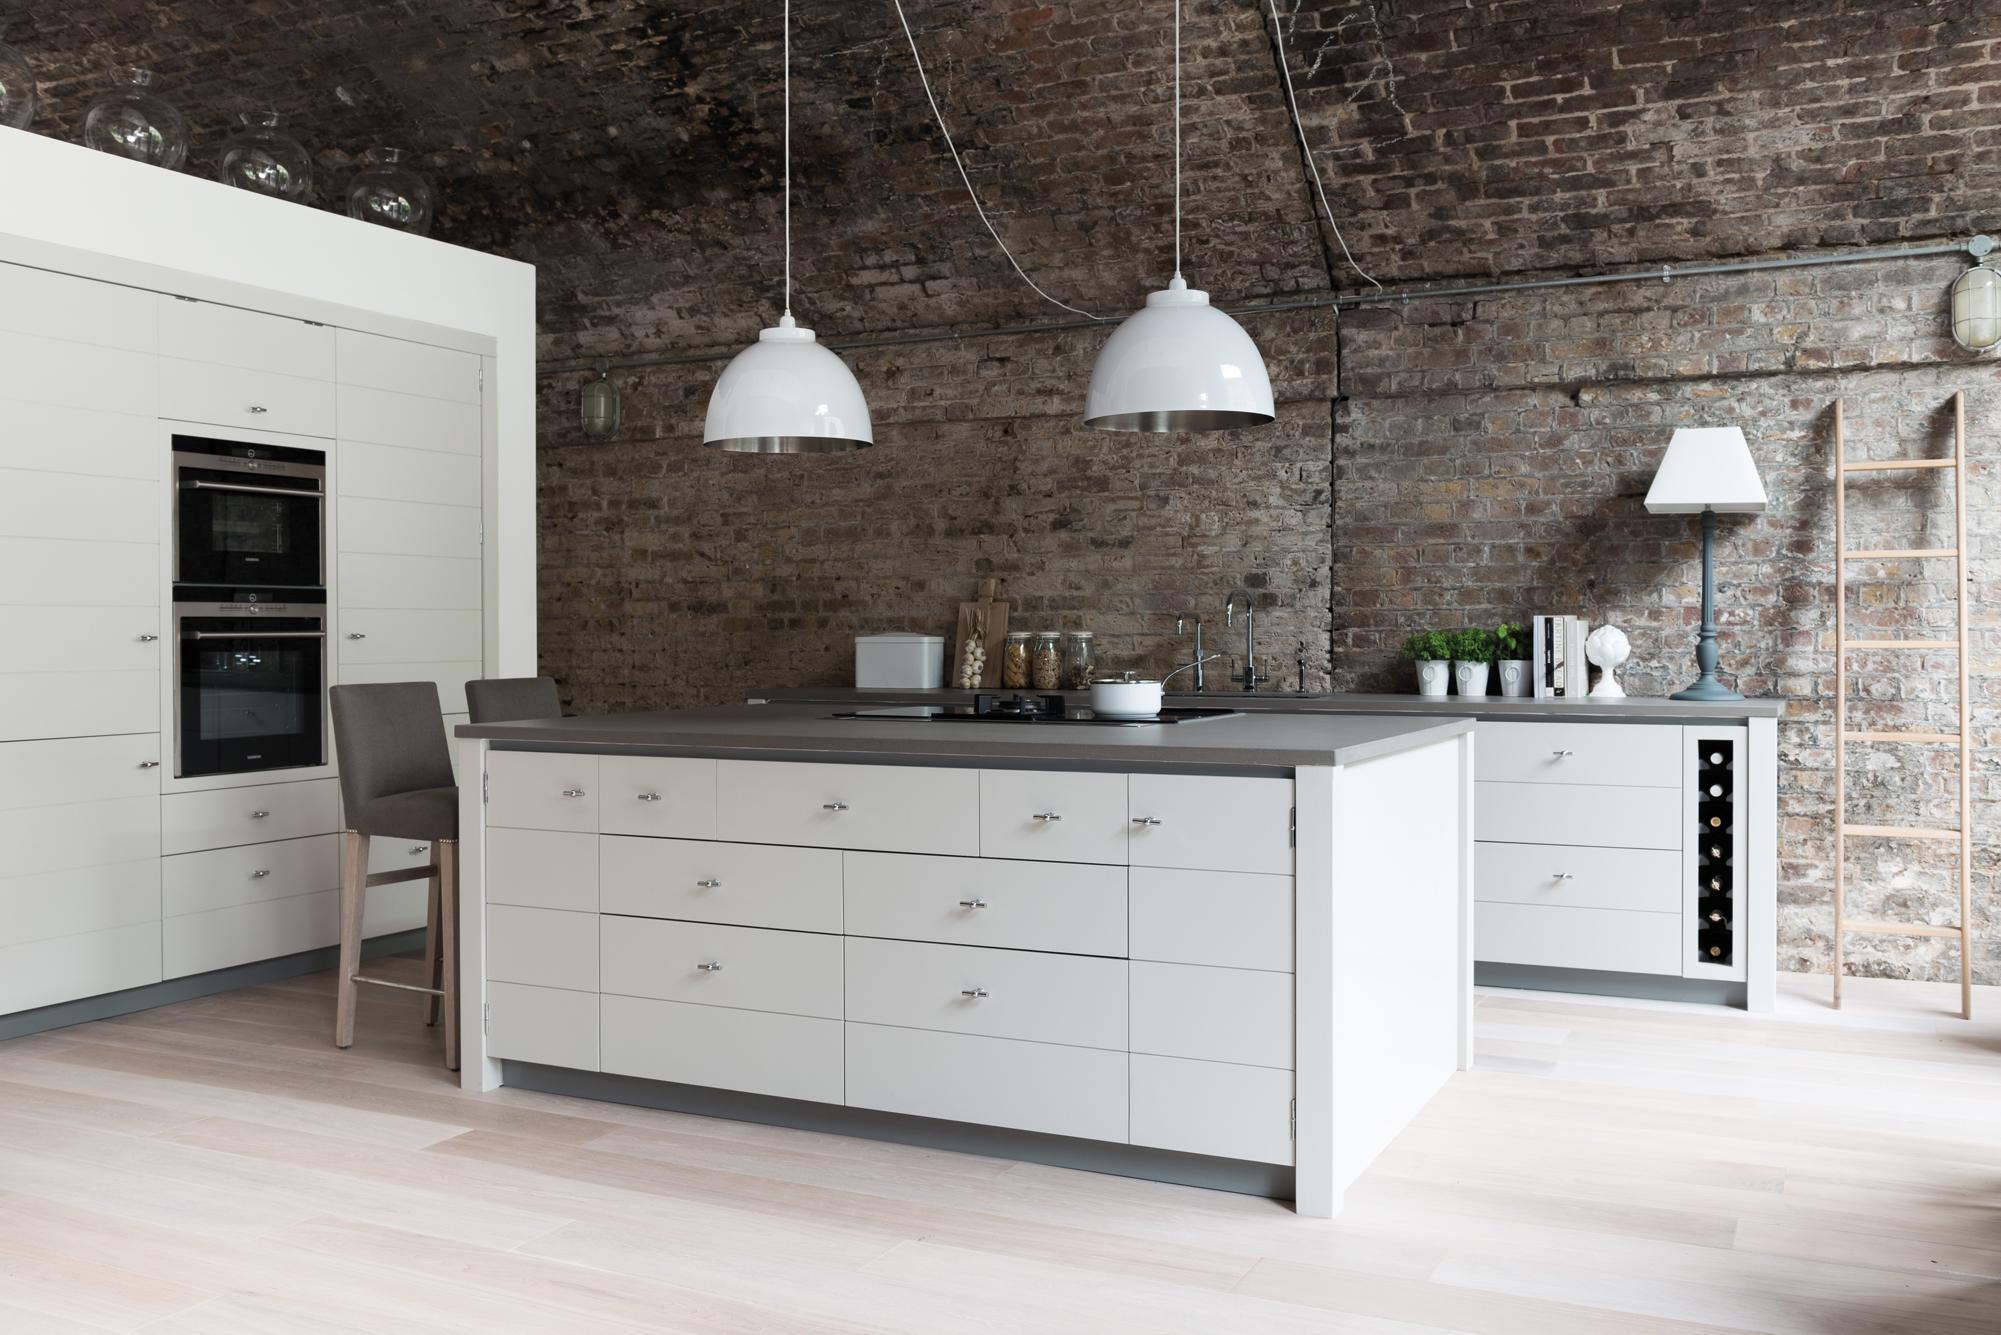 Küche Pendelleuchte pendelleuchten in weiß küche pendelleuchte backst